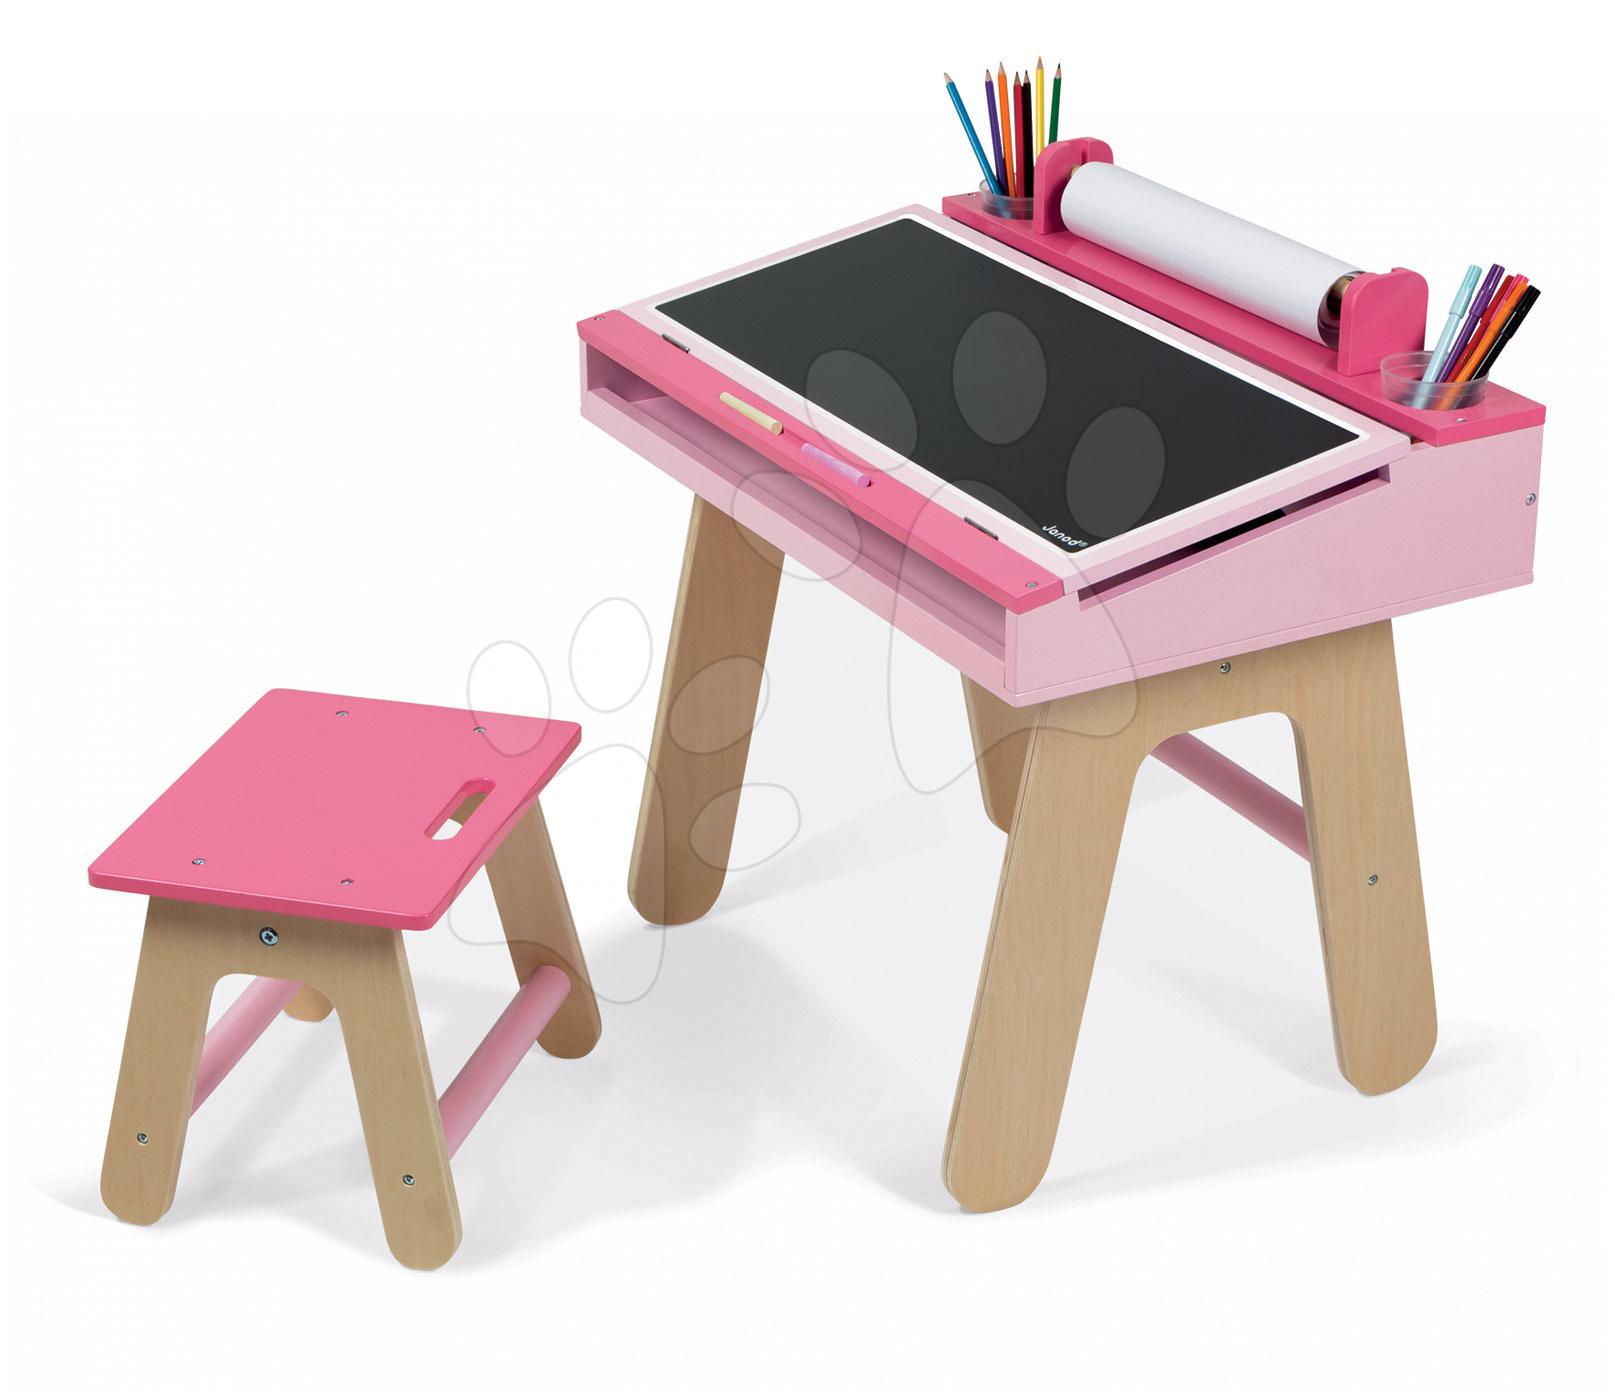 Dřevěná školní lavice Pink&Pink Janod otvíratelná se židlí a 5 doplňky od 3 let